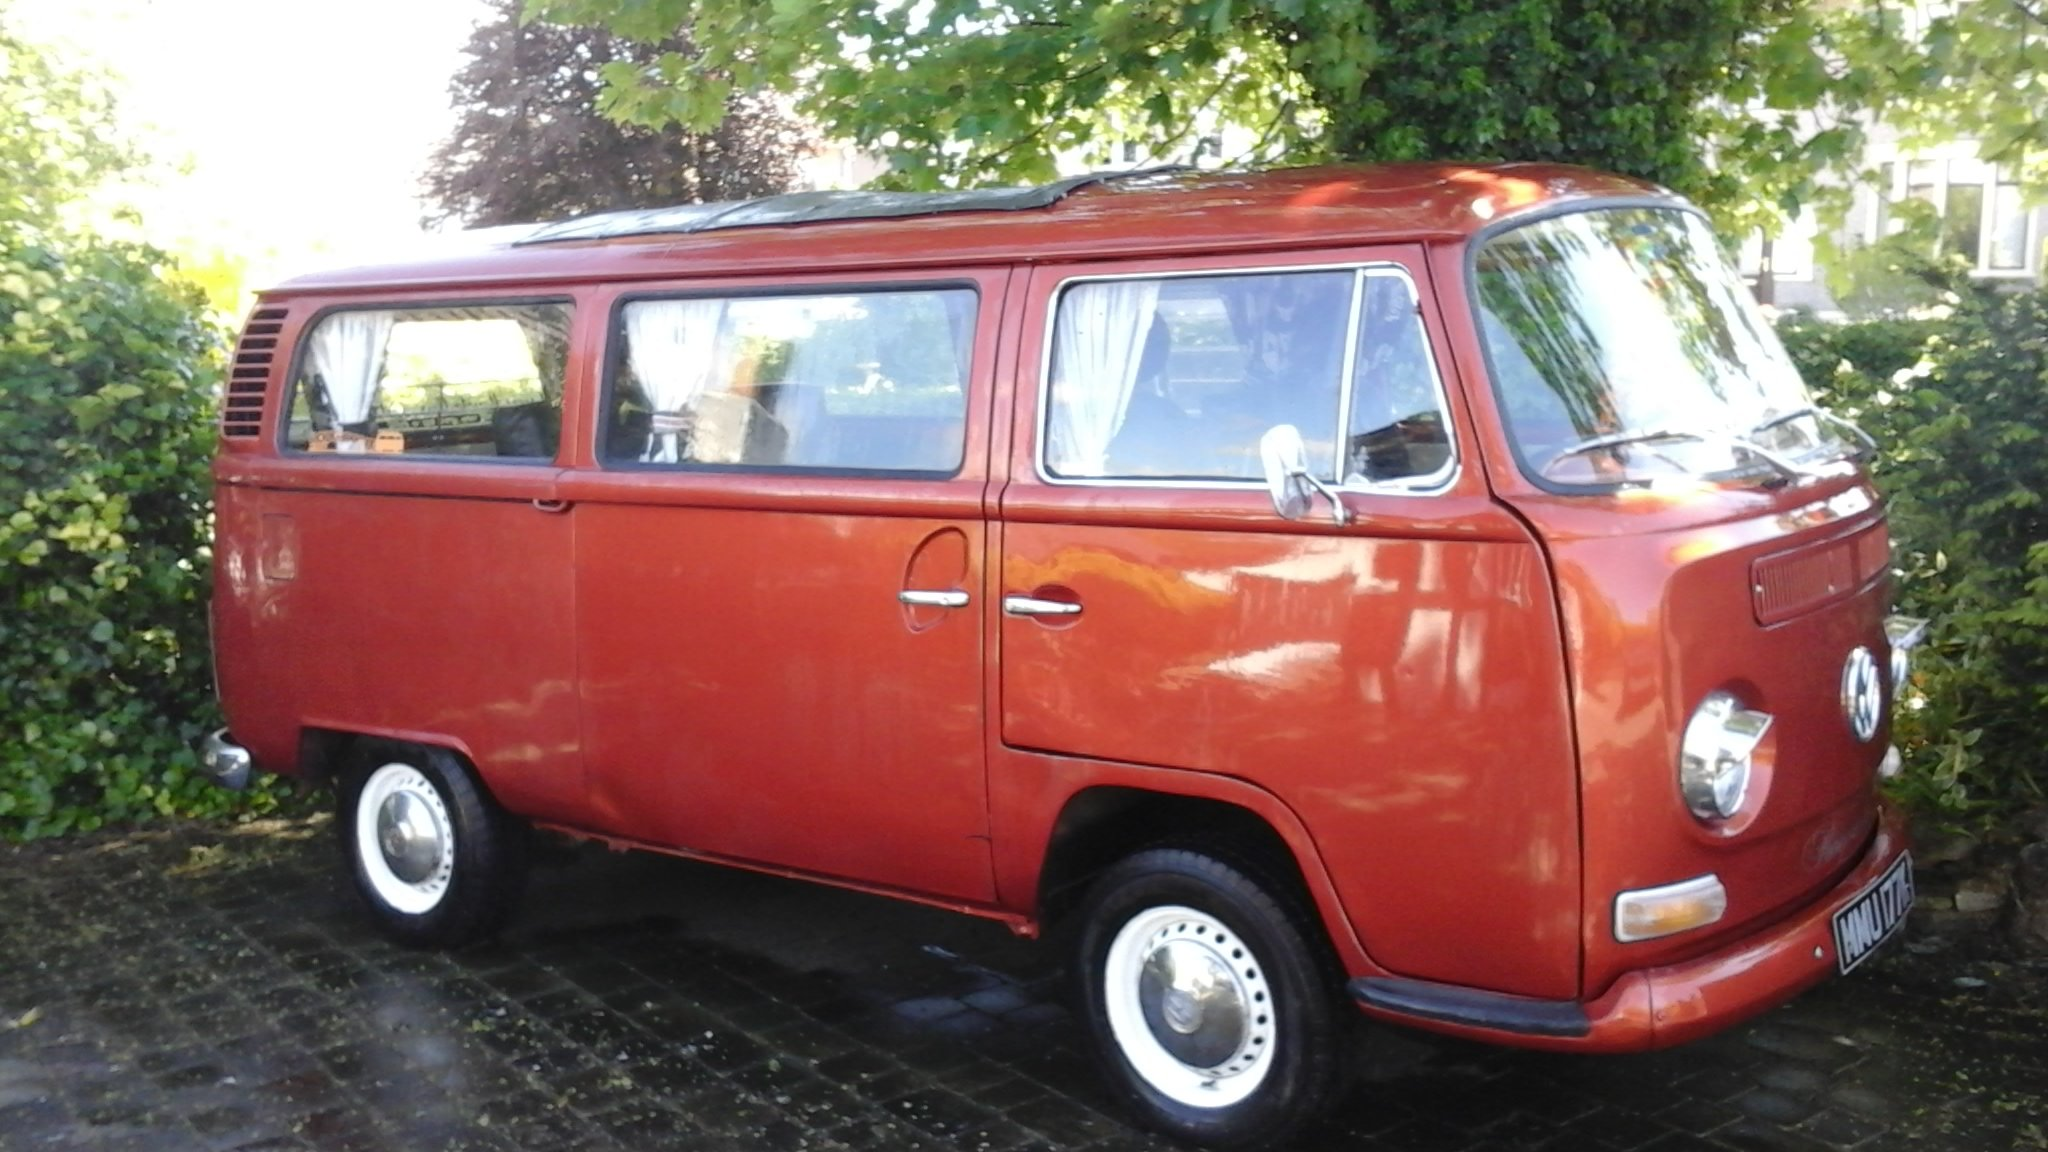 1972 VW VOLKSWAGEN T2 TYPE2 BAYWINDOW CAMPER VAN LOW LI For Sale (picture 1 of 6)